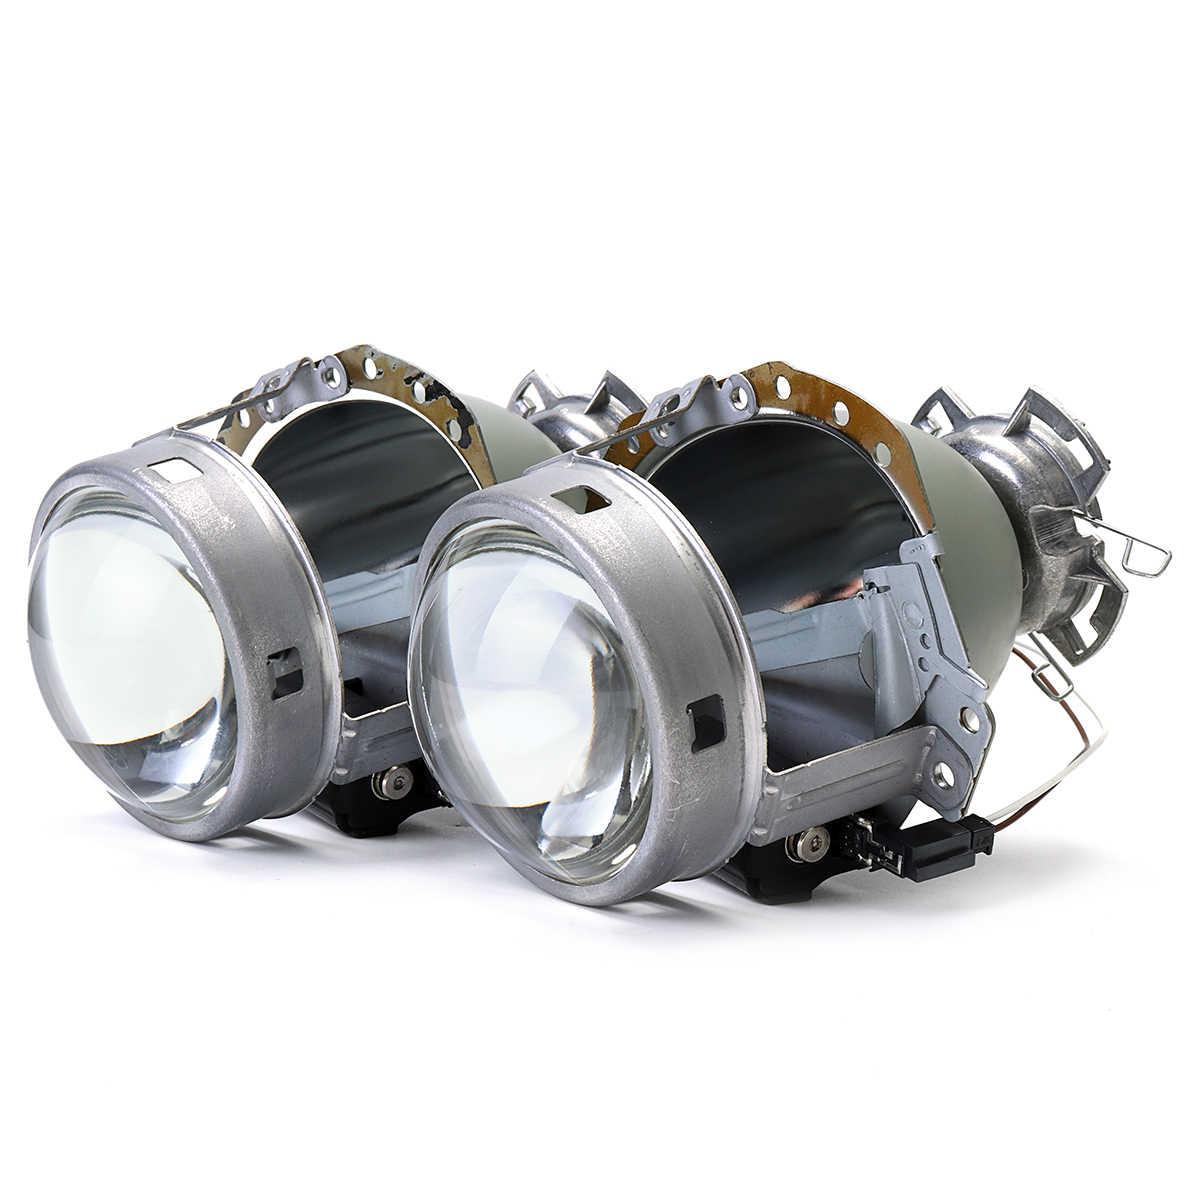 2 шт./лот 3,0 дюйм(ов) E55 D2H/D2S фары автомобиля Биксеноновая проектор линзы замена лампы Kit